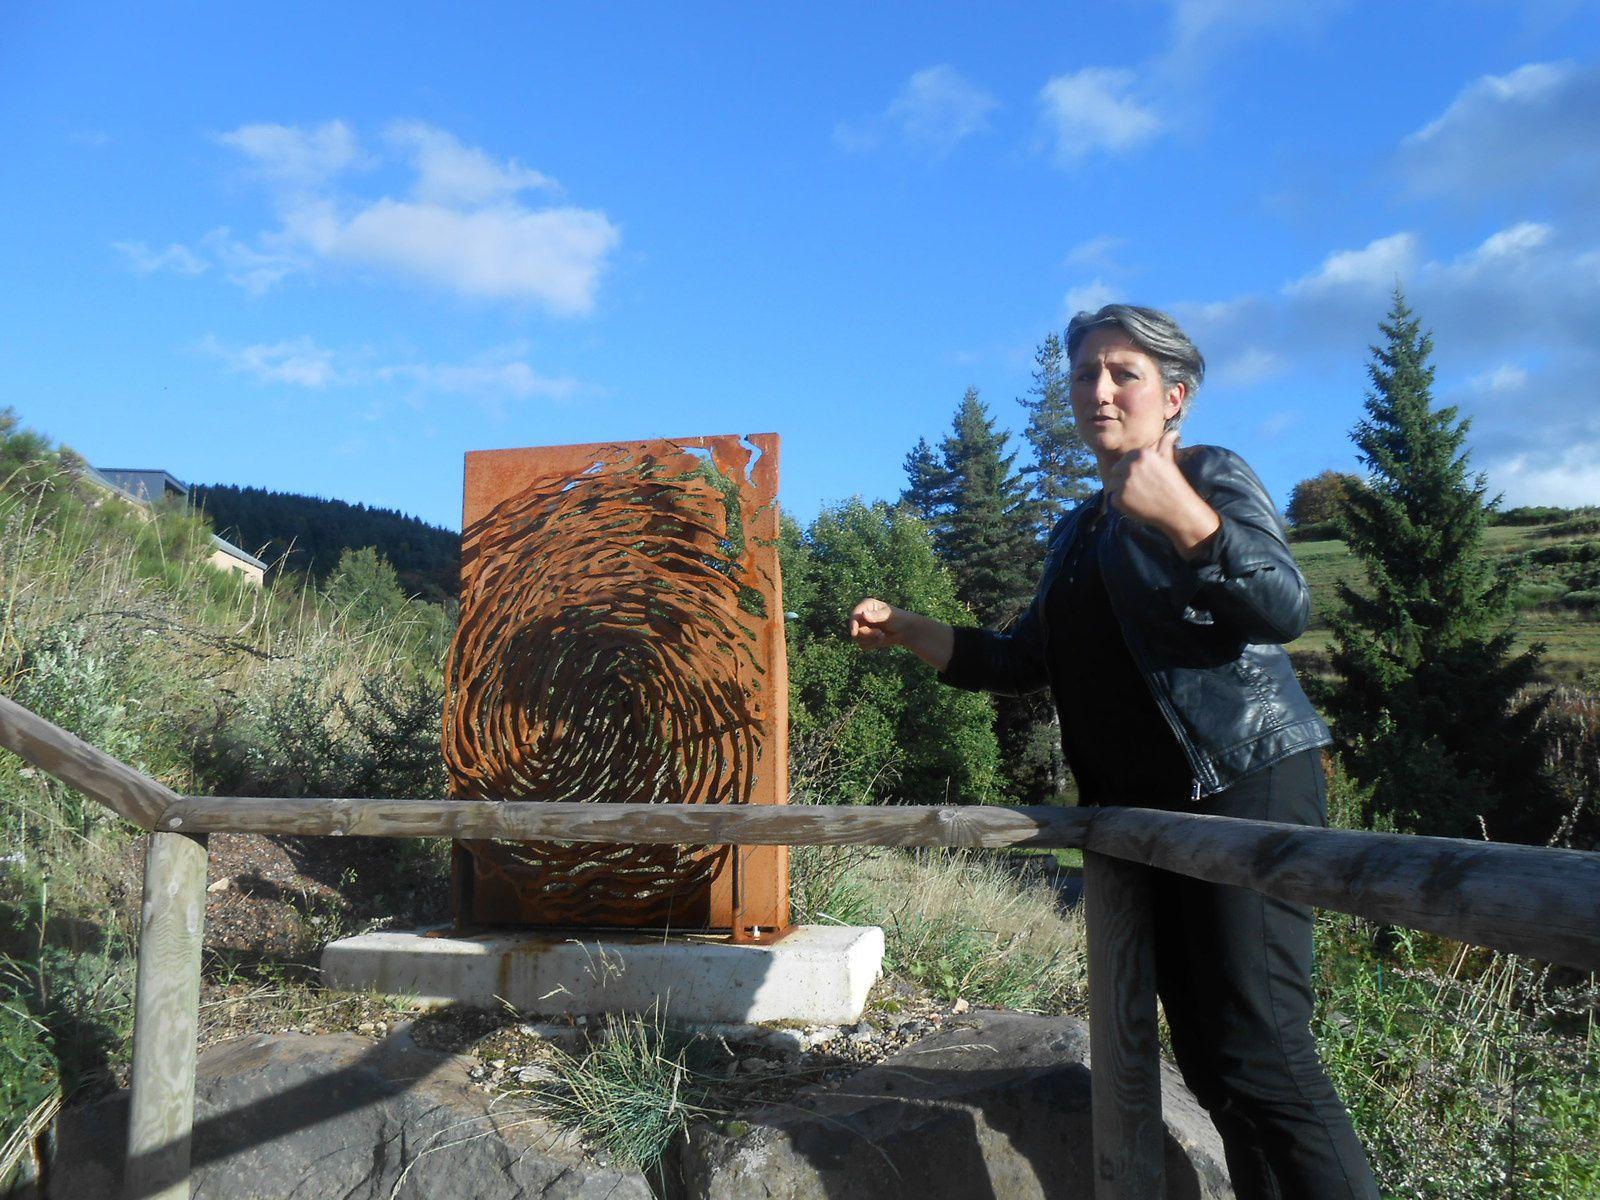 3ième sculpture : une empreinte en volume, comme découpée, arrachée à la tôle support pour rappeler que l'Homme malgré sa toute-puissance peut être anéanti par la force de la Nature